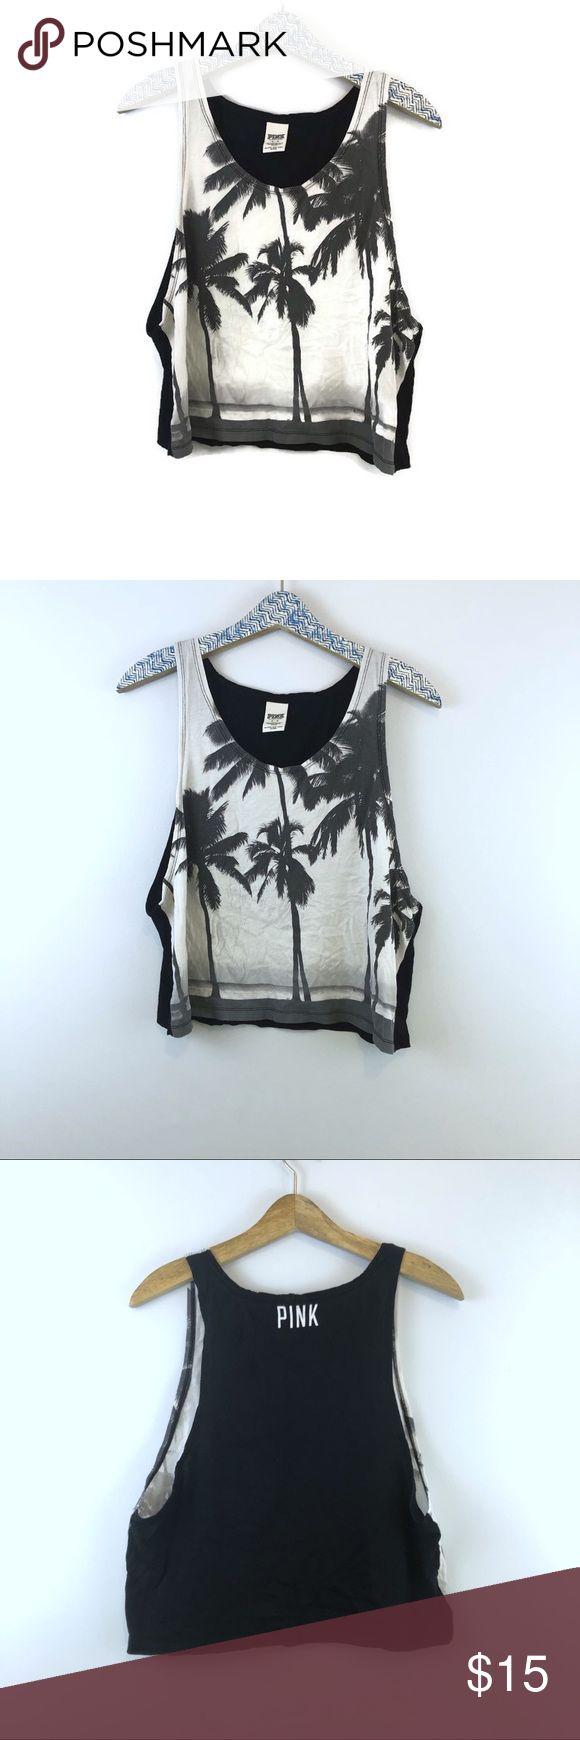 Débardeur de plage rose noir blanc Palm Beach taille Med Jaune Palmier de …  – My Posh Closet